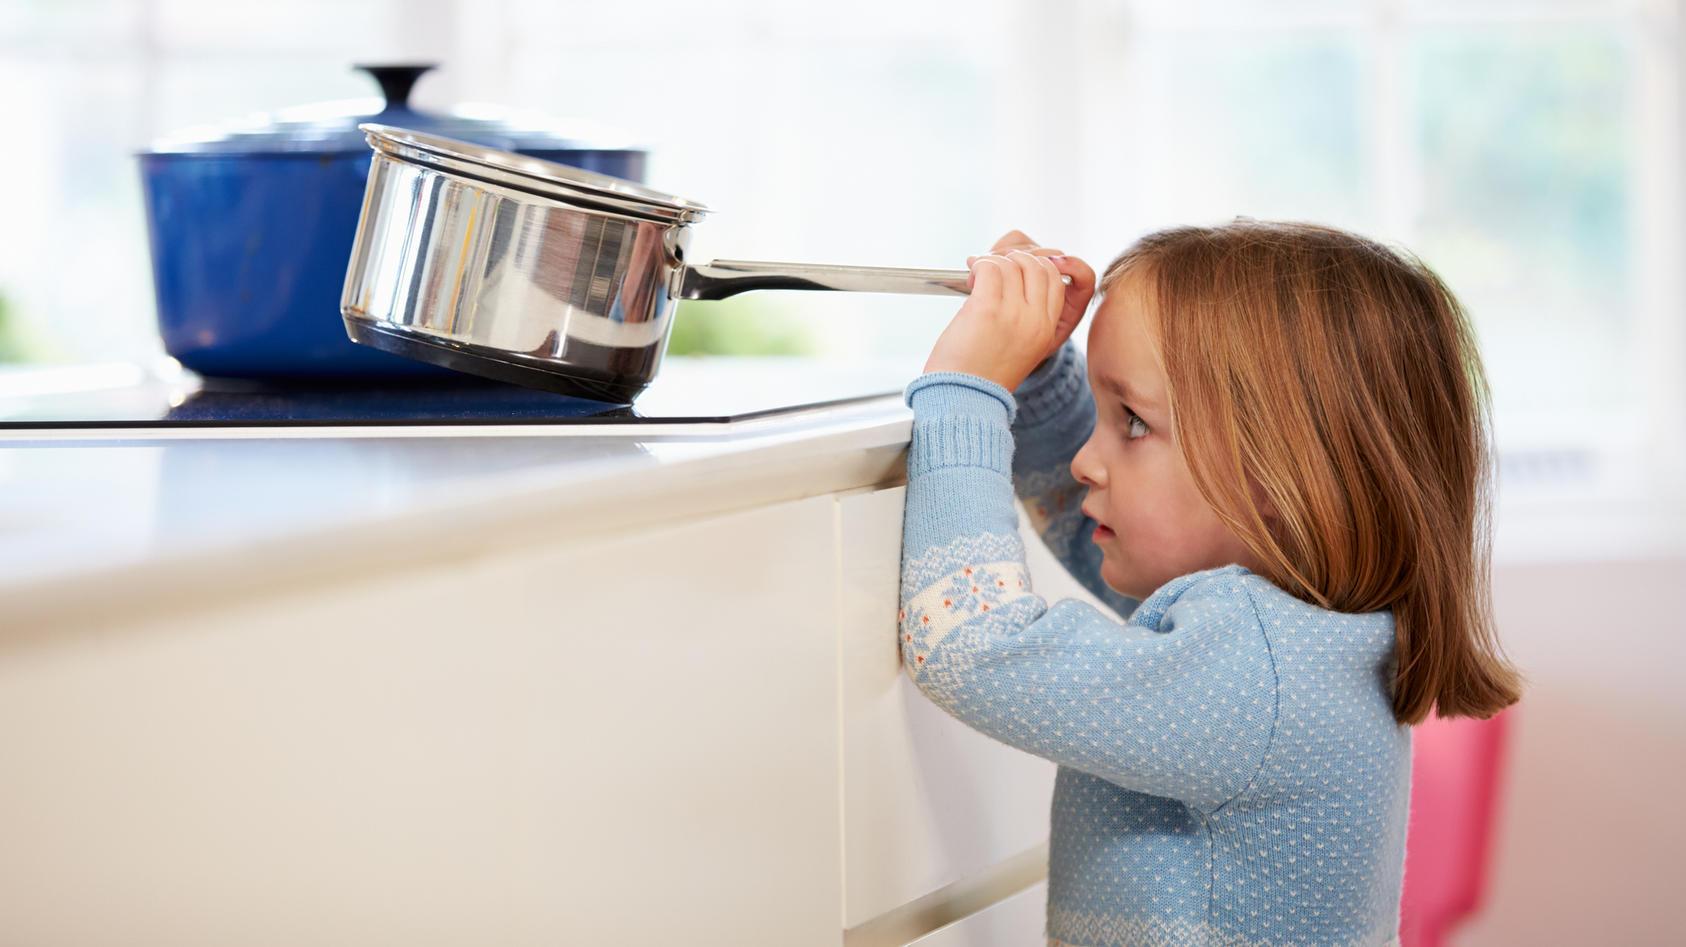 Gefahren in der Küche sollten nicht unterschätzt werden